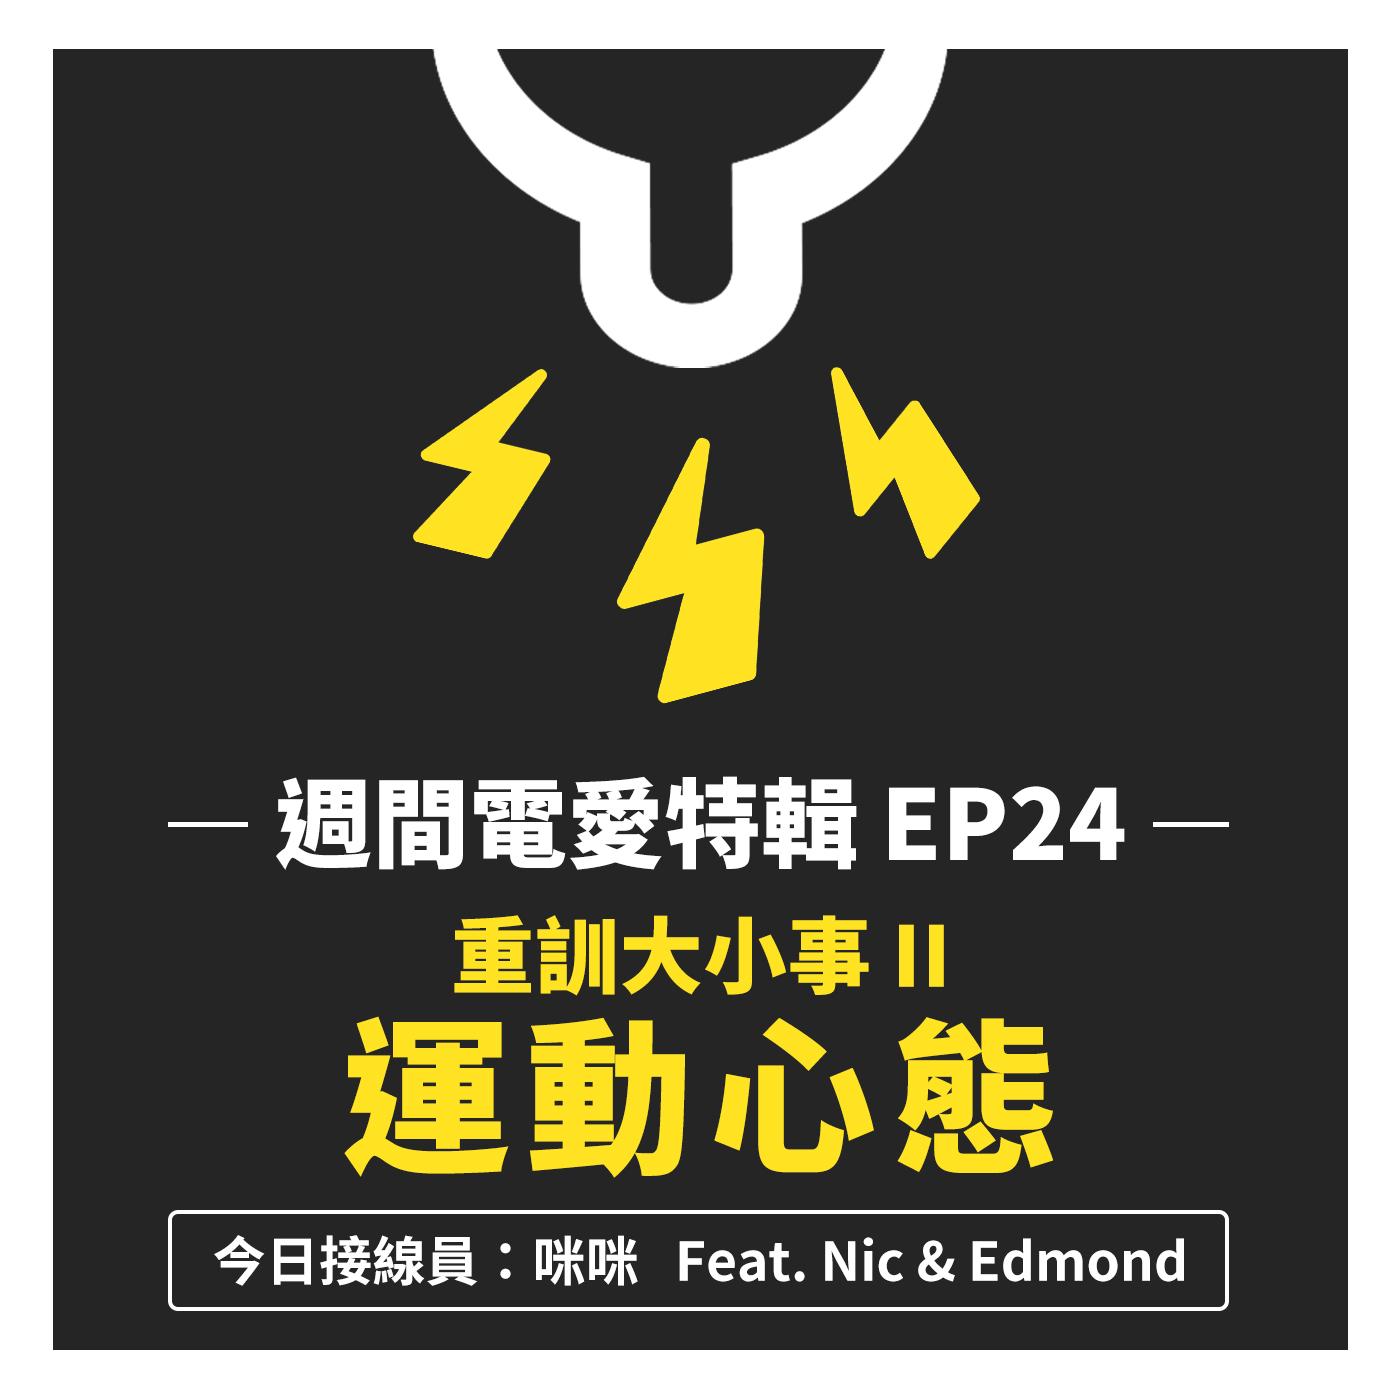 [週間電愛特輯] EP24 重訓大小事 II - 運動心態 Feat. Nic & Edmond